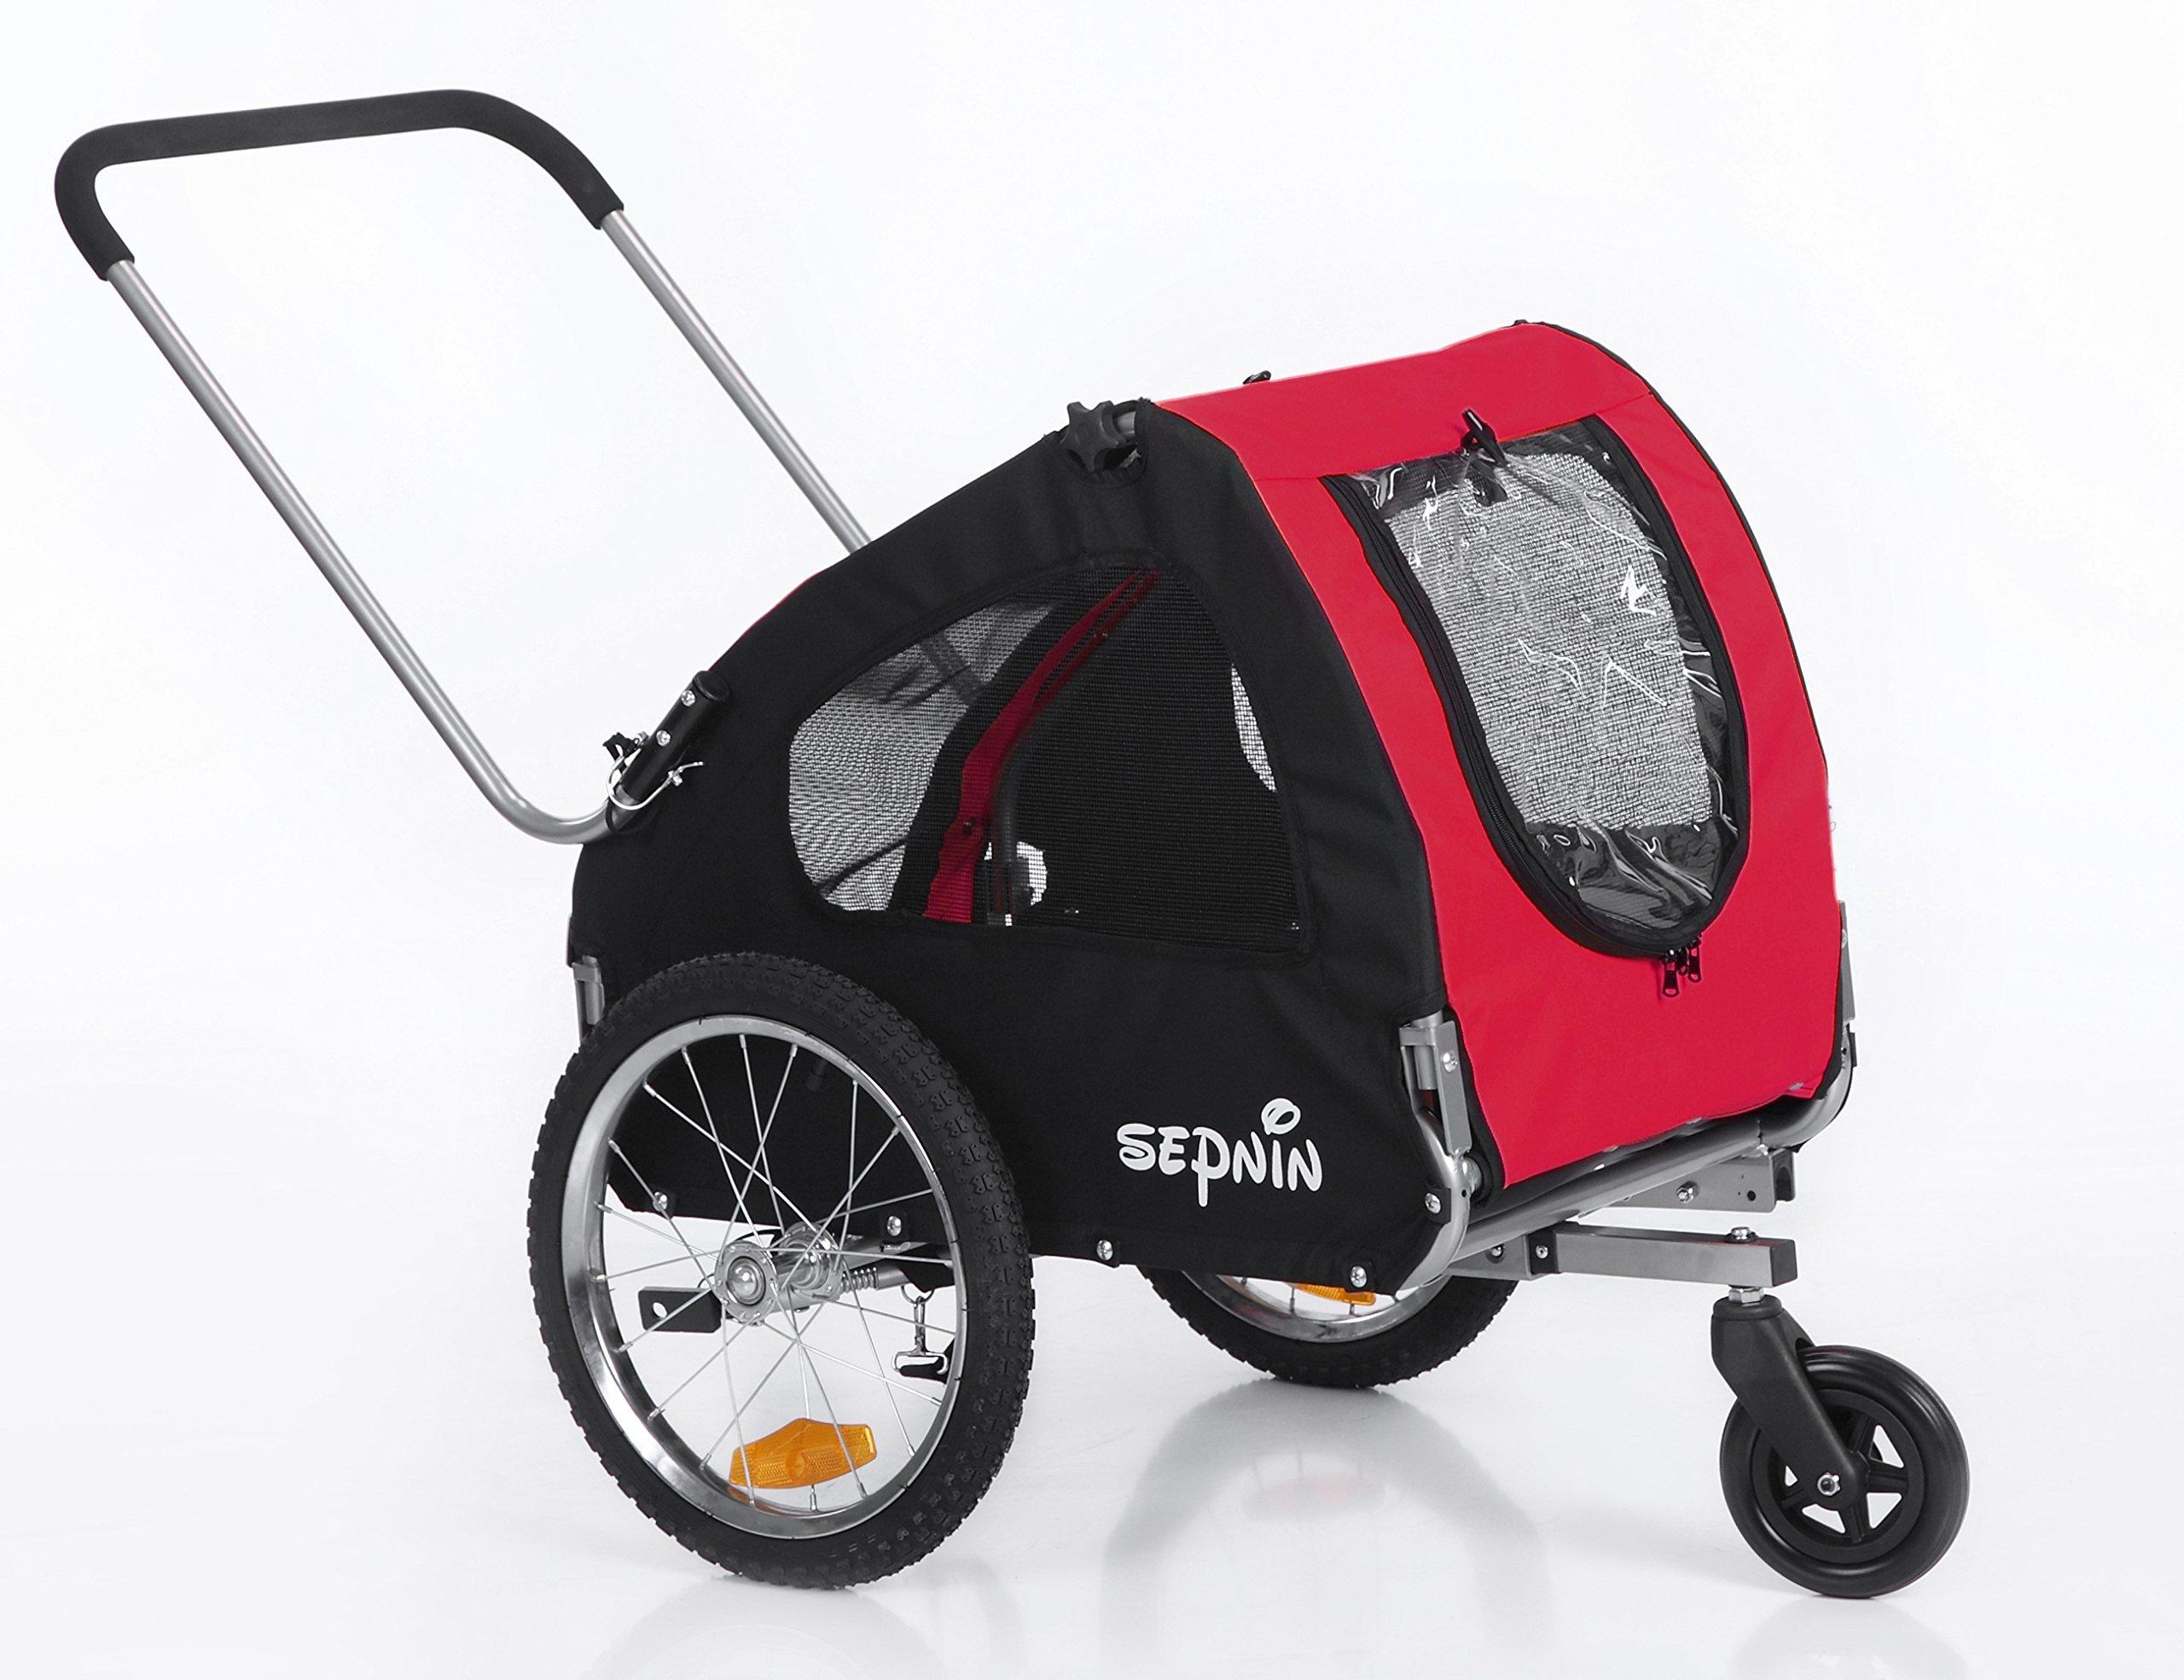 Sepnine pet Stroller of 2 in 1 Pet Dog Bicycle/Bike Carrier/Trailer/Jogger 10305 (Red/Black)